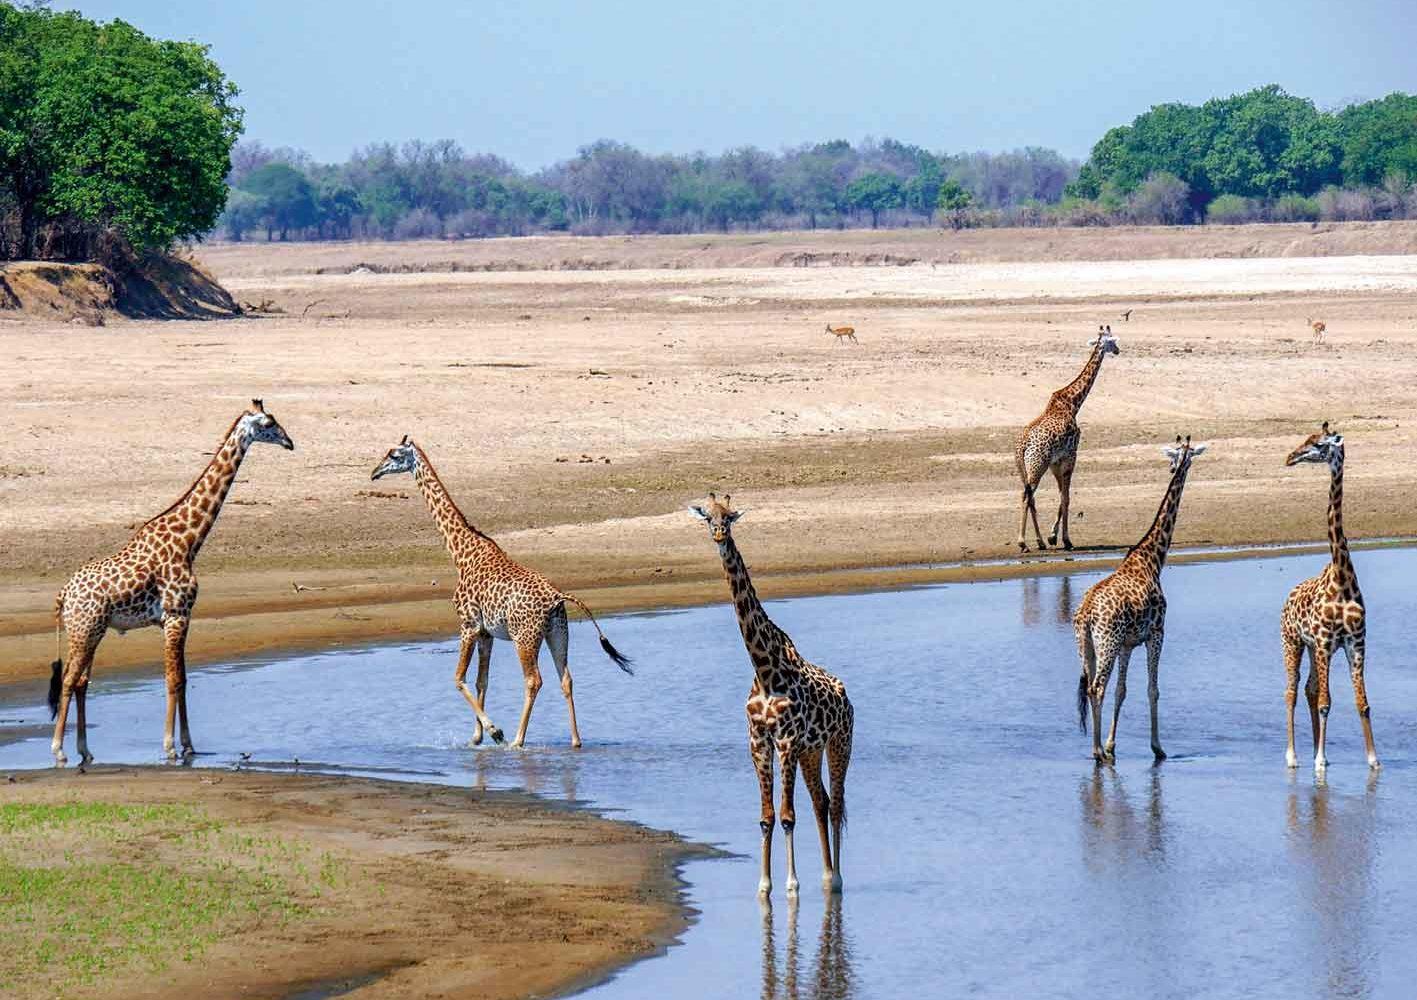 Rund um die Wasserlöcher treffen wir die meisten Tiere an, Zambia